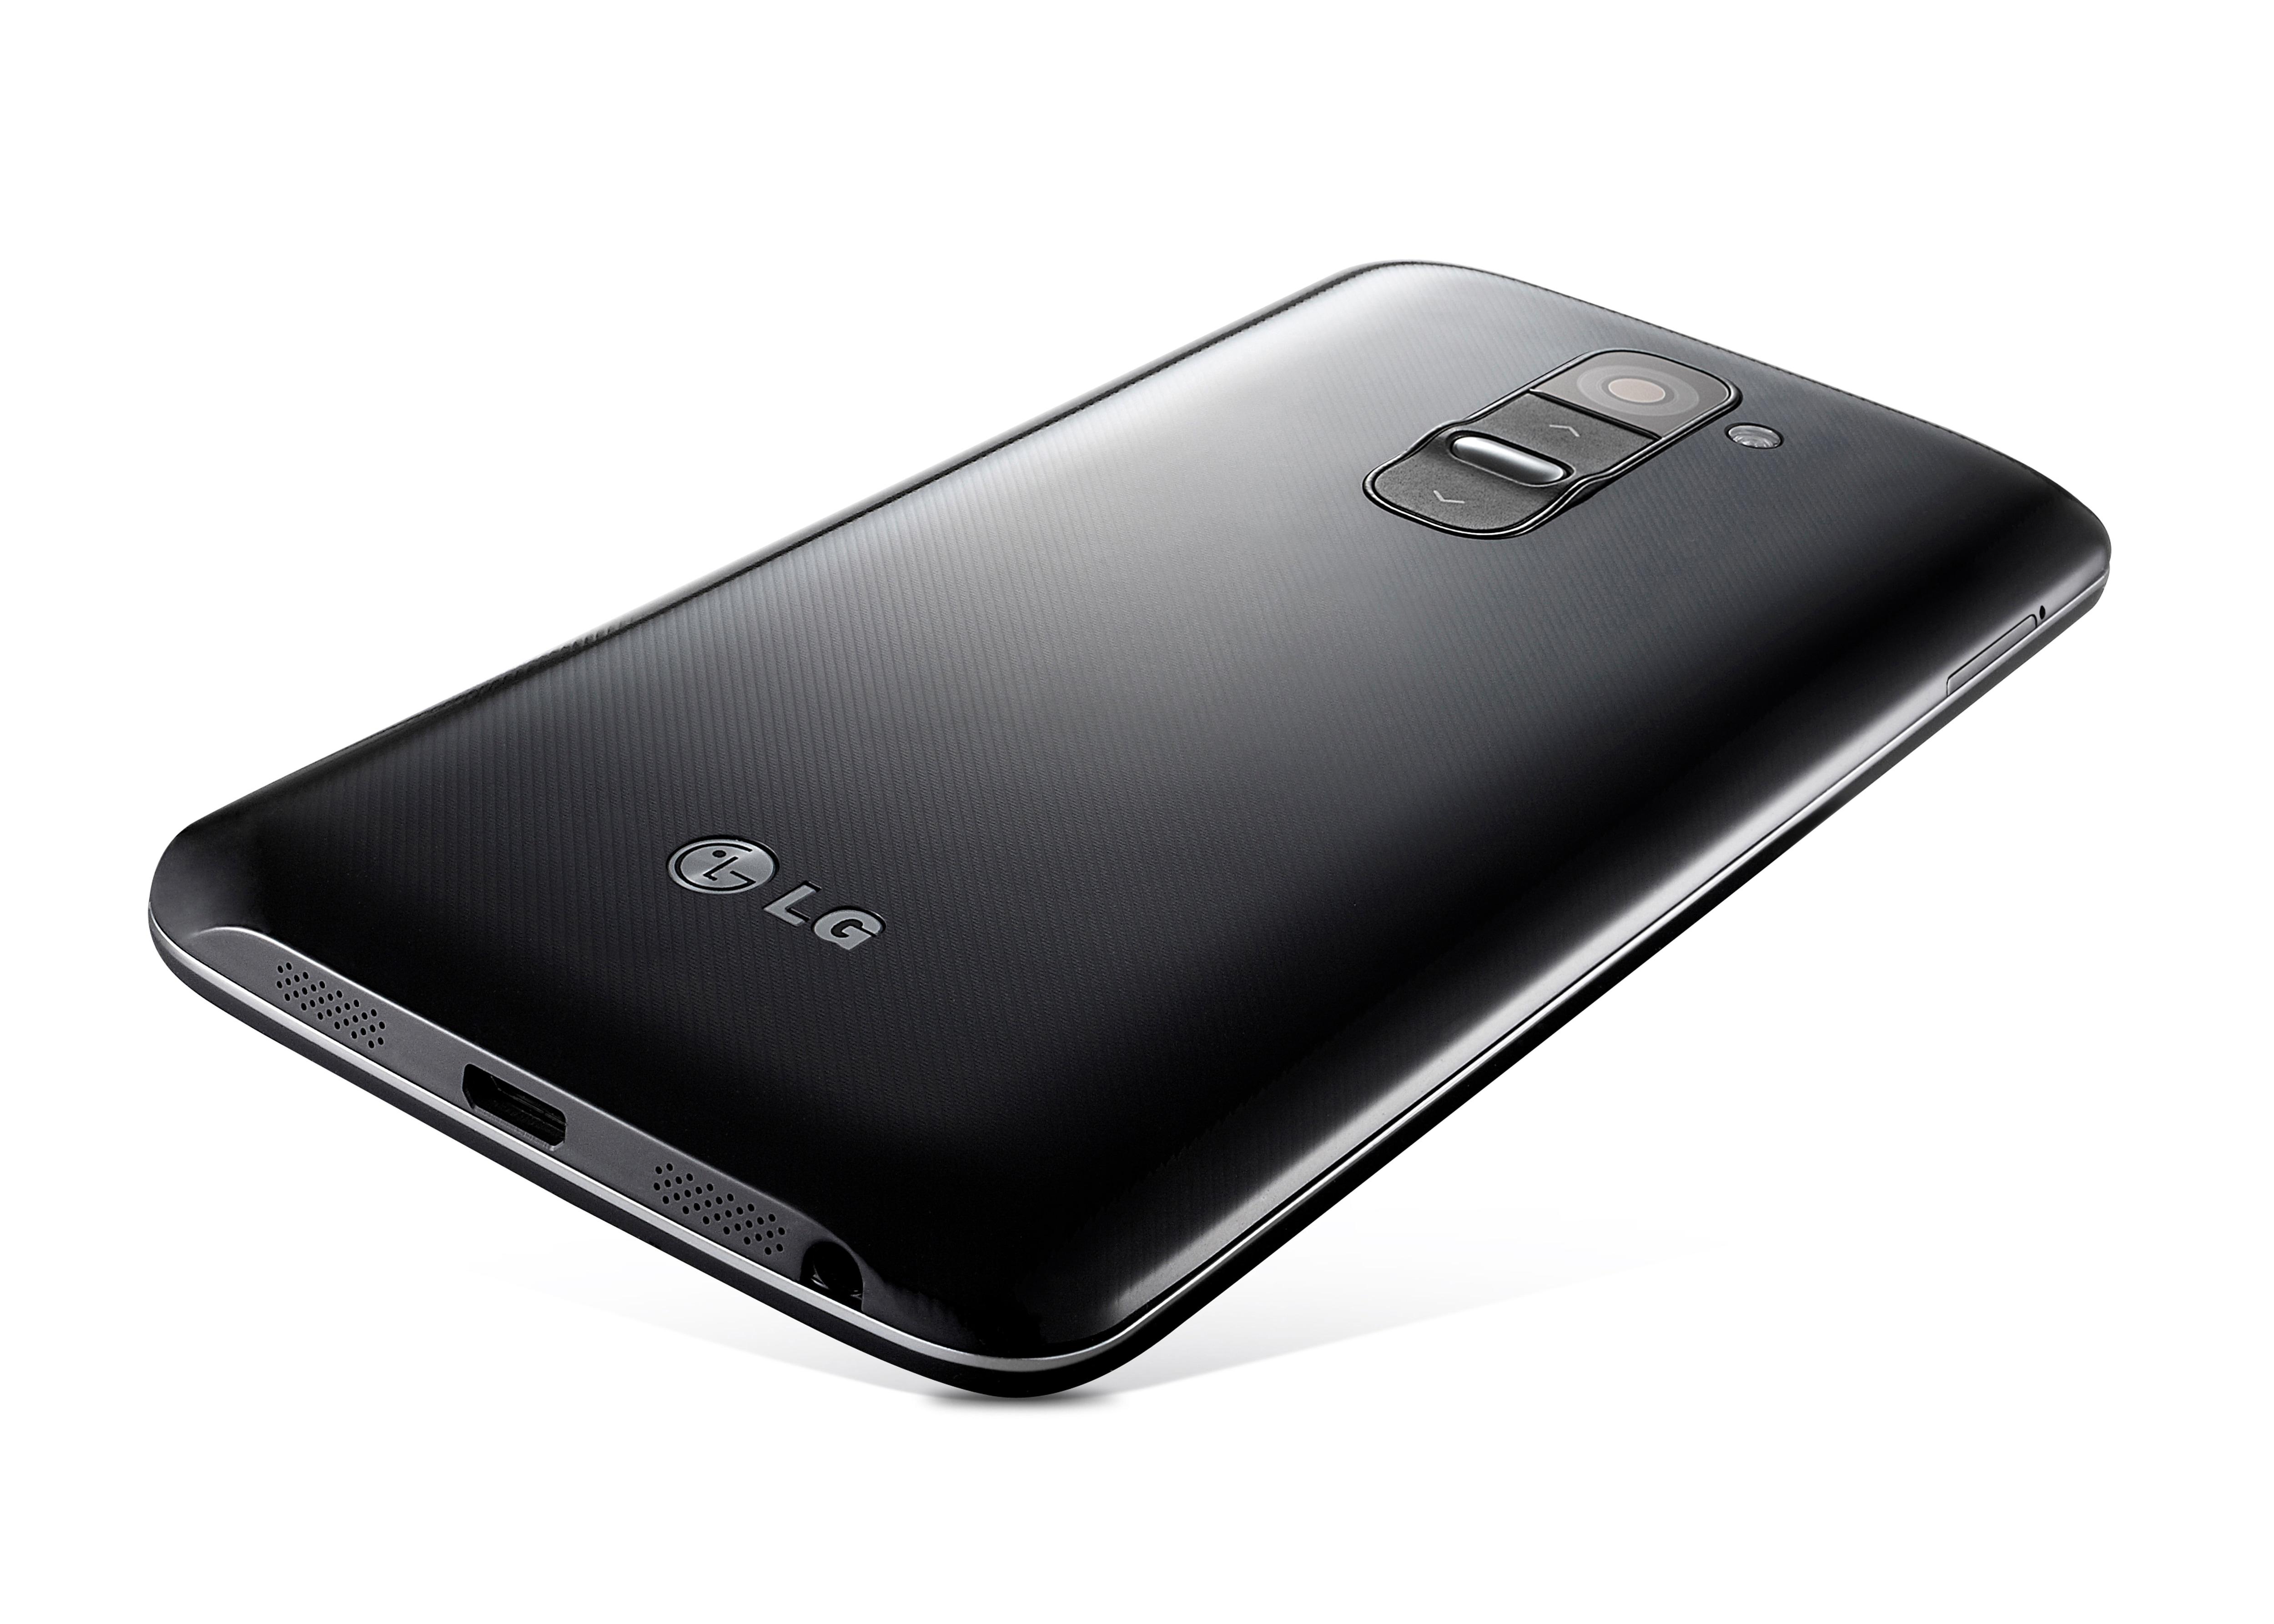 Celular precio m2 trendy cargando zoom with celular - Hormigon celular precio ...